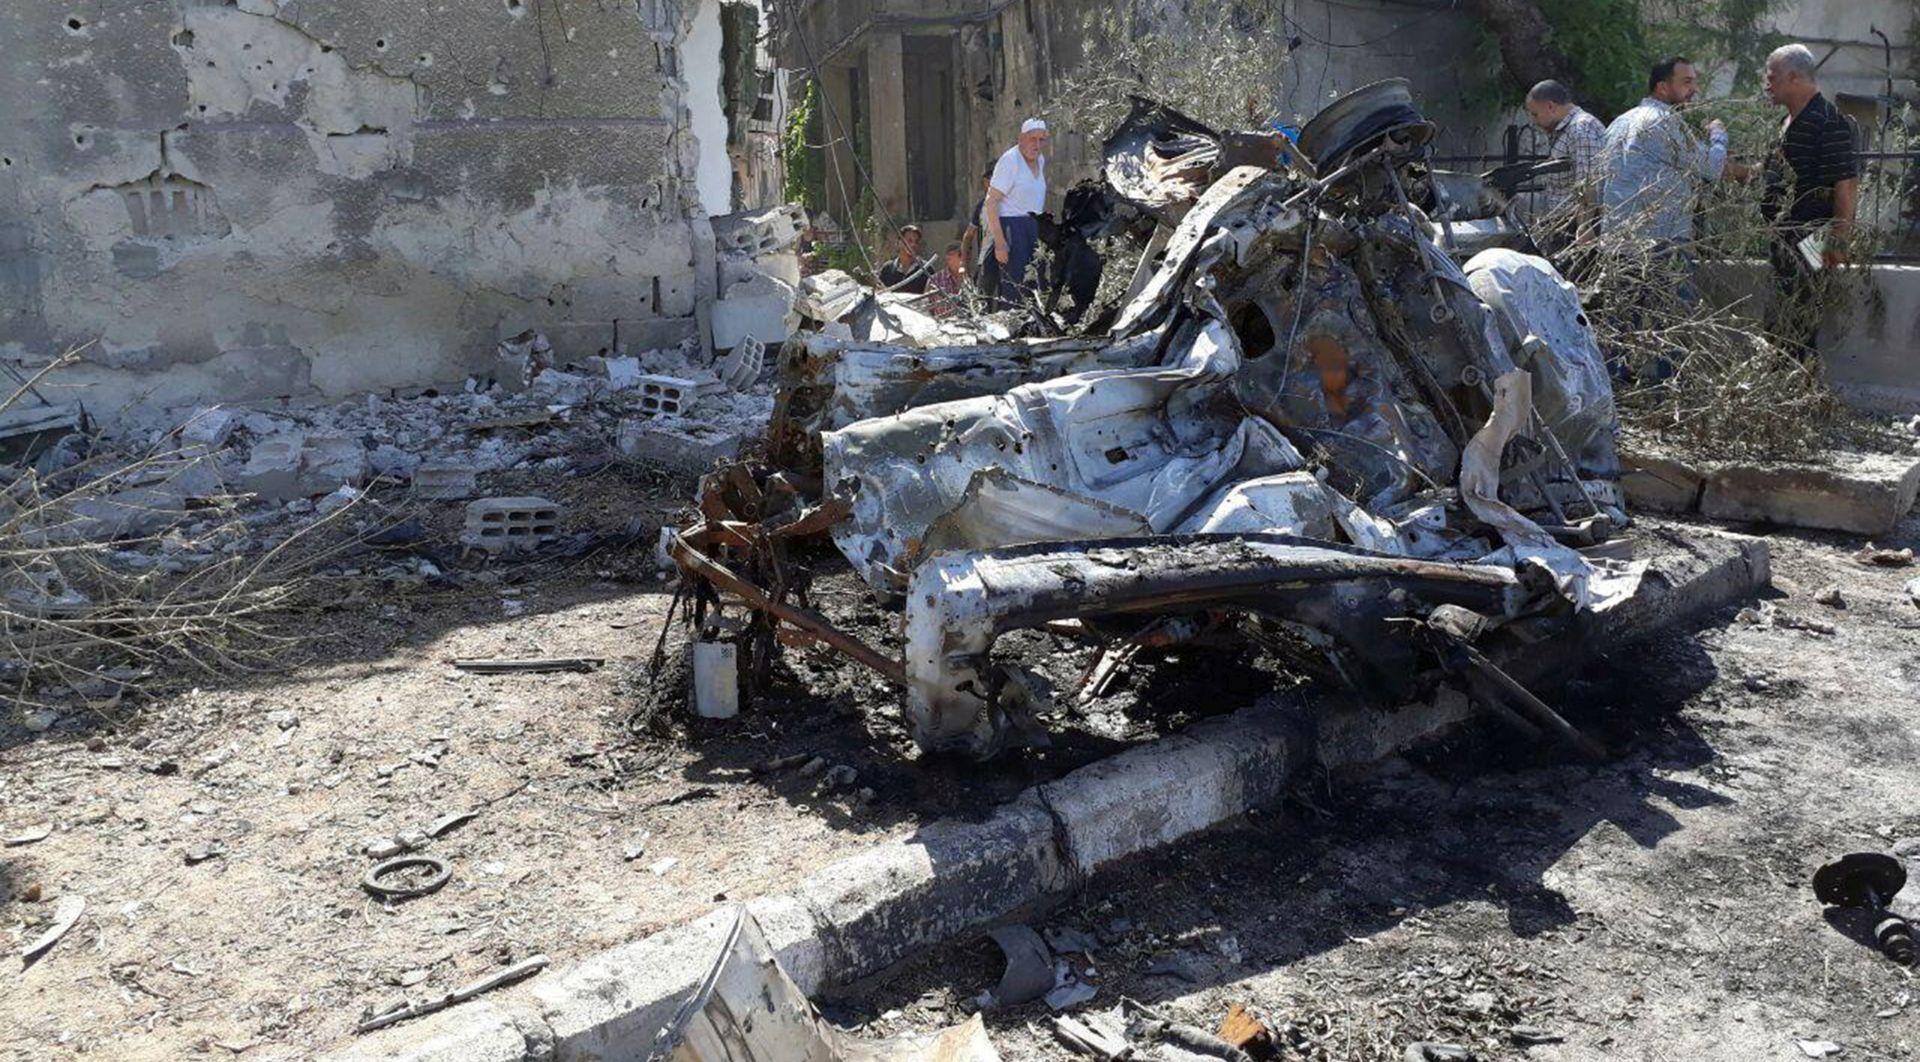 Del Ponte najavila ostavku UN-ovom istražnom povjerenstvu o Siriji